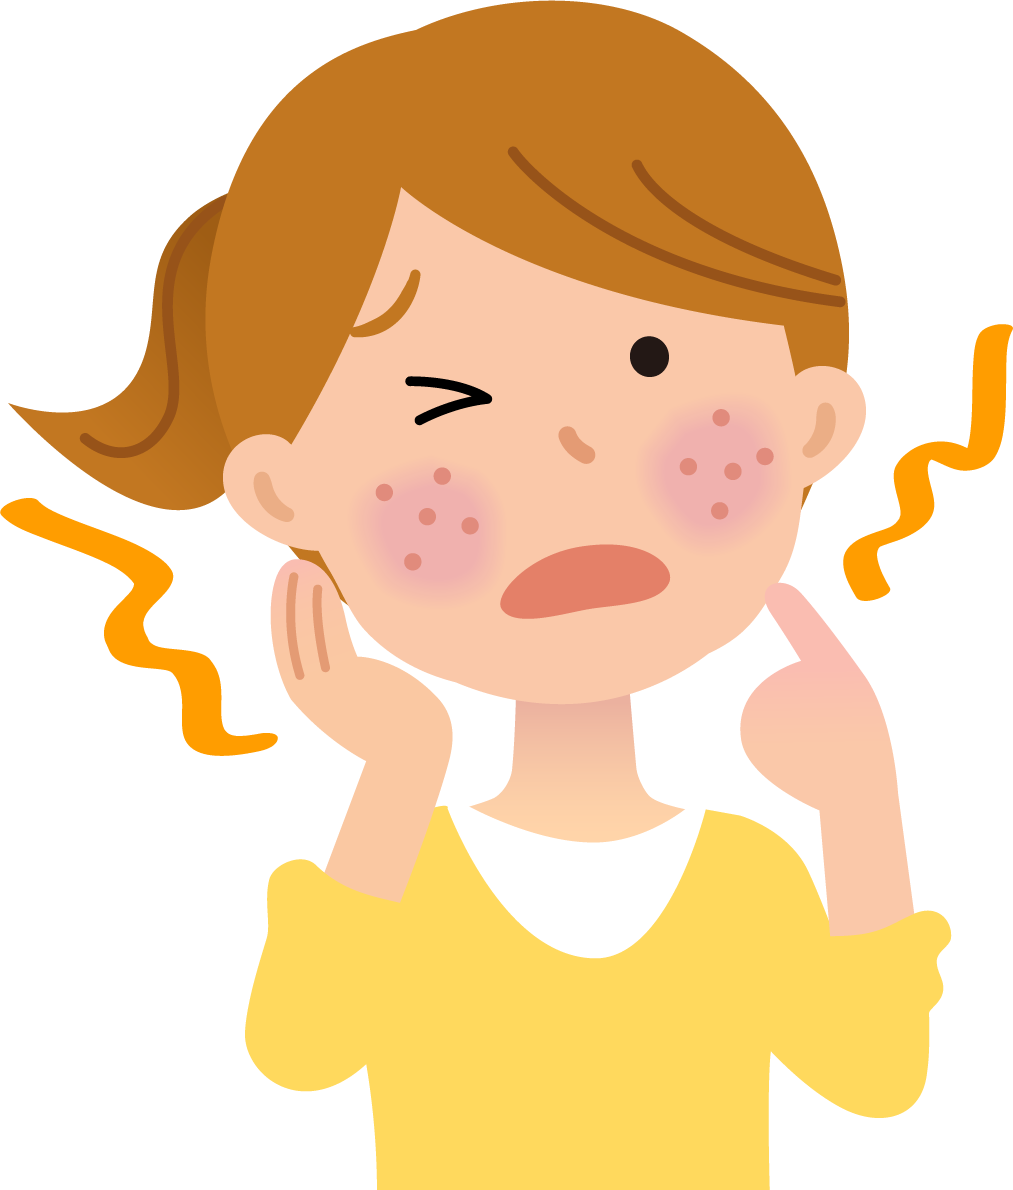 デュピルマブ(デュピクセント)投与中の、顔面や頸部の紅斑:システマティックレビュー